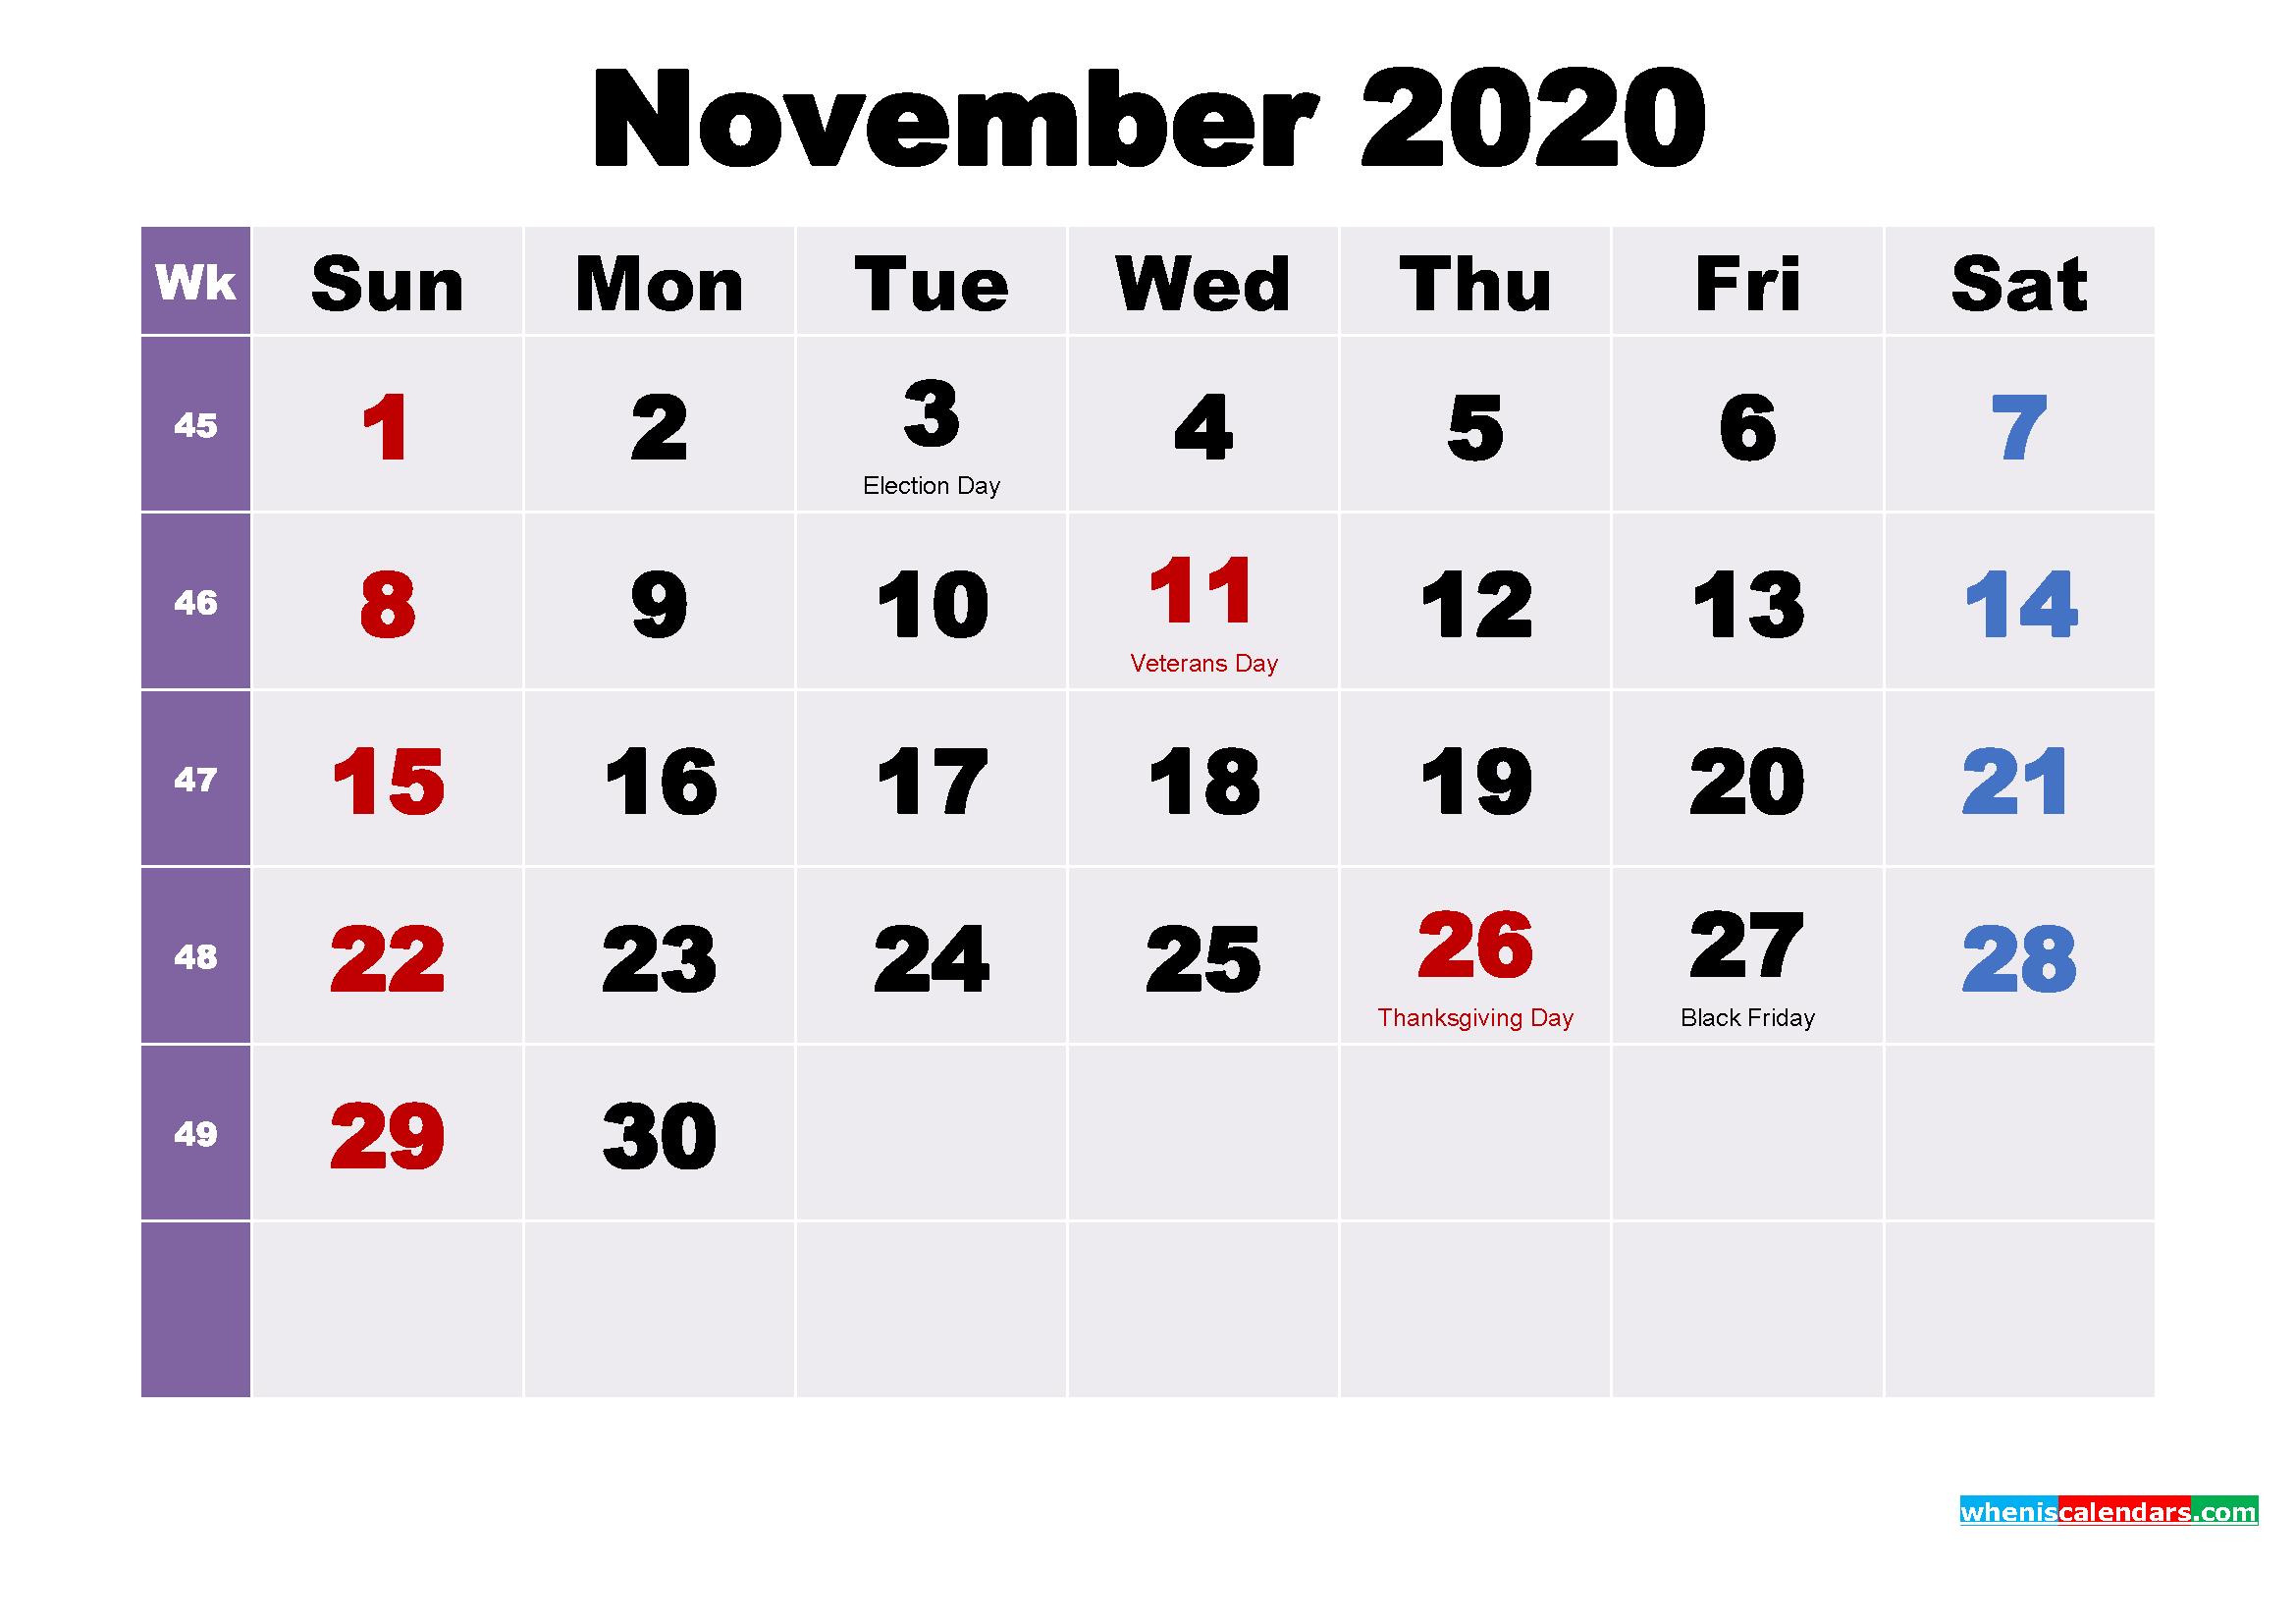 Printable 2020 Calendar by Month November